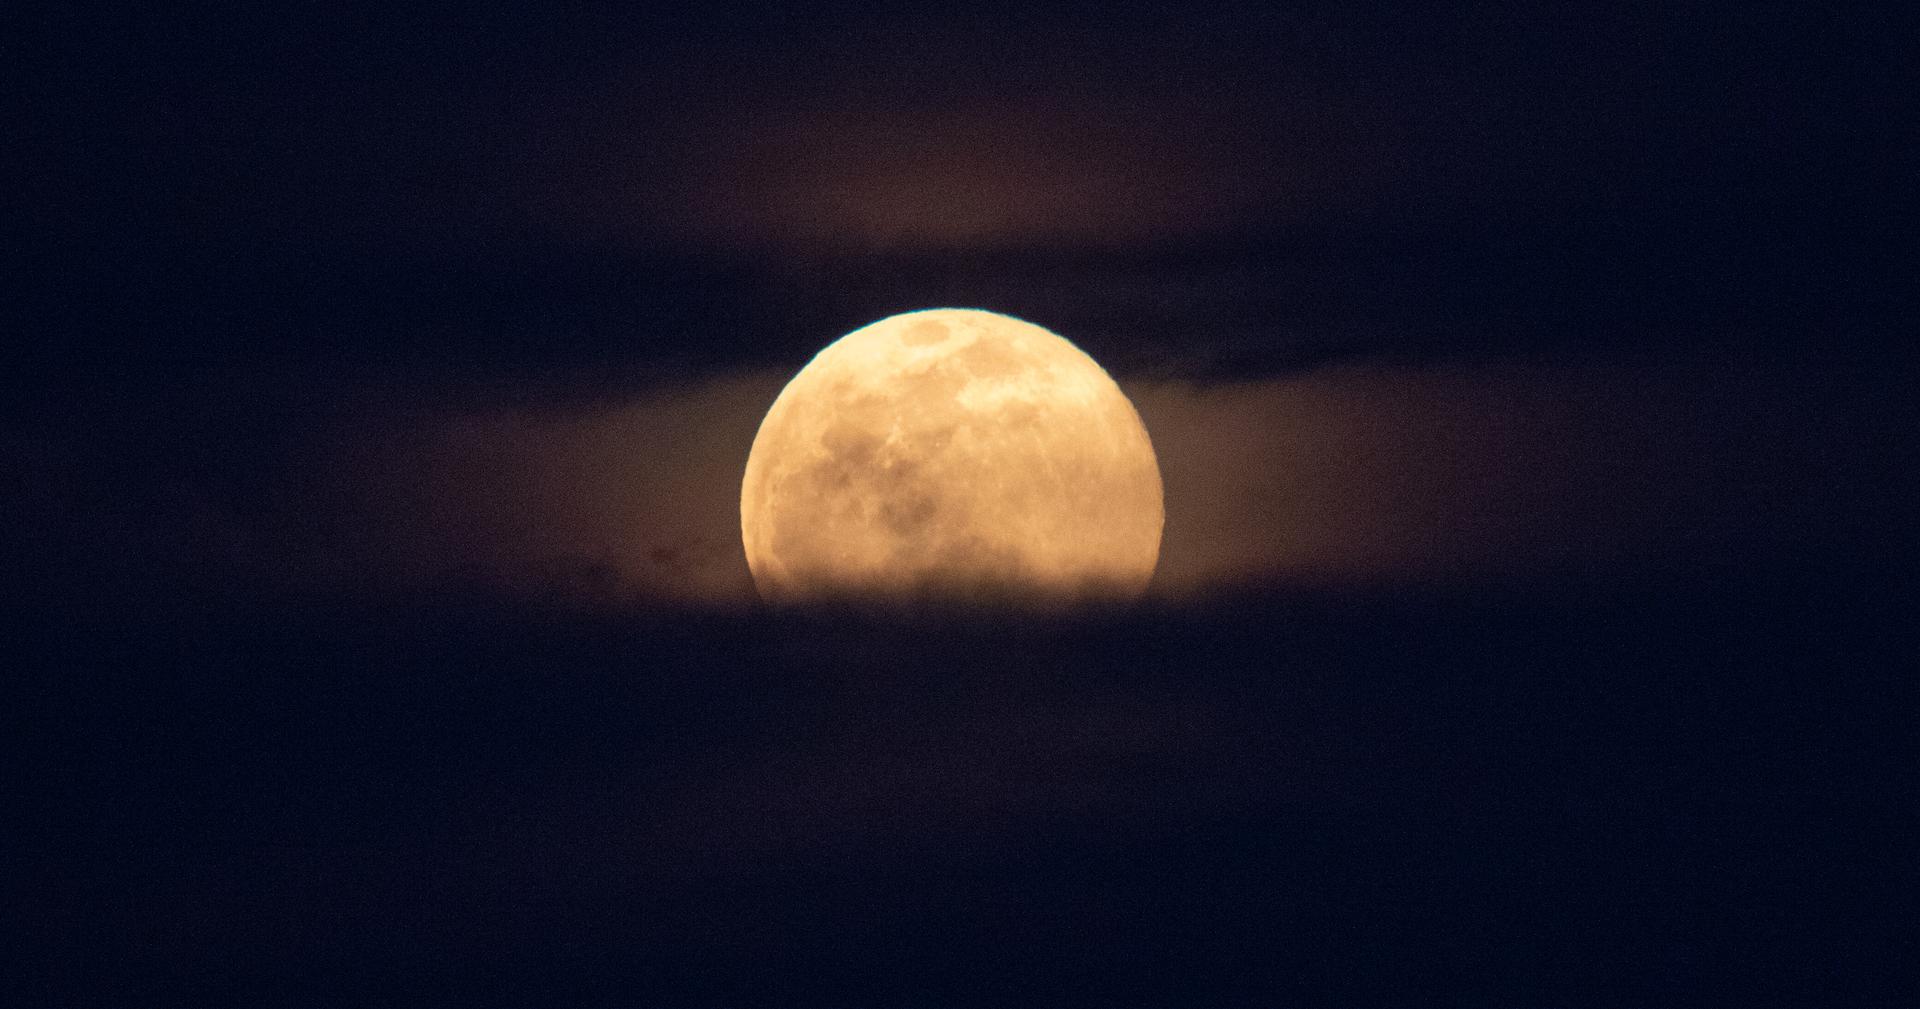 الولايات المتحدة تدعو البرازيل للمشاركة في برنامجها لاستكشاف القمر